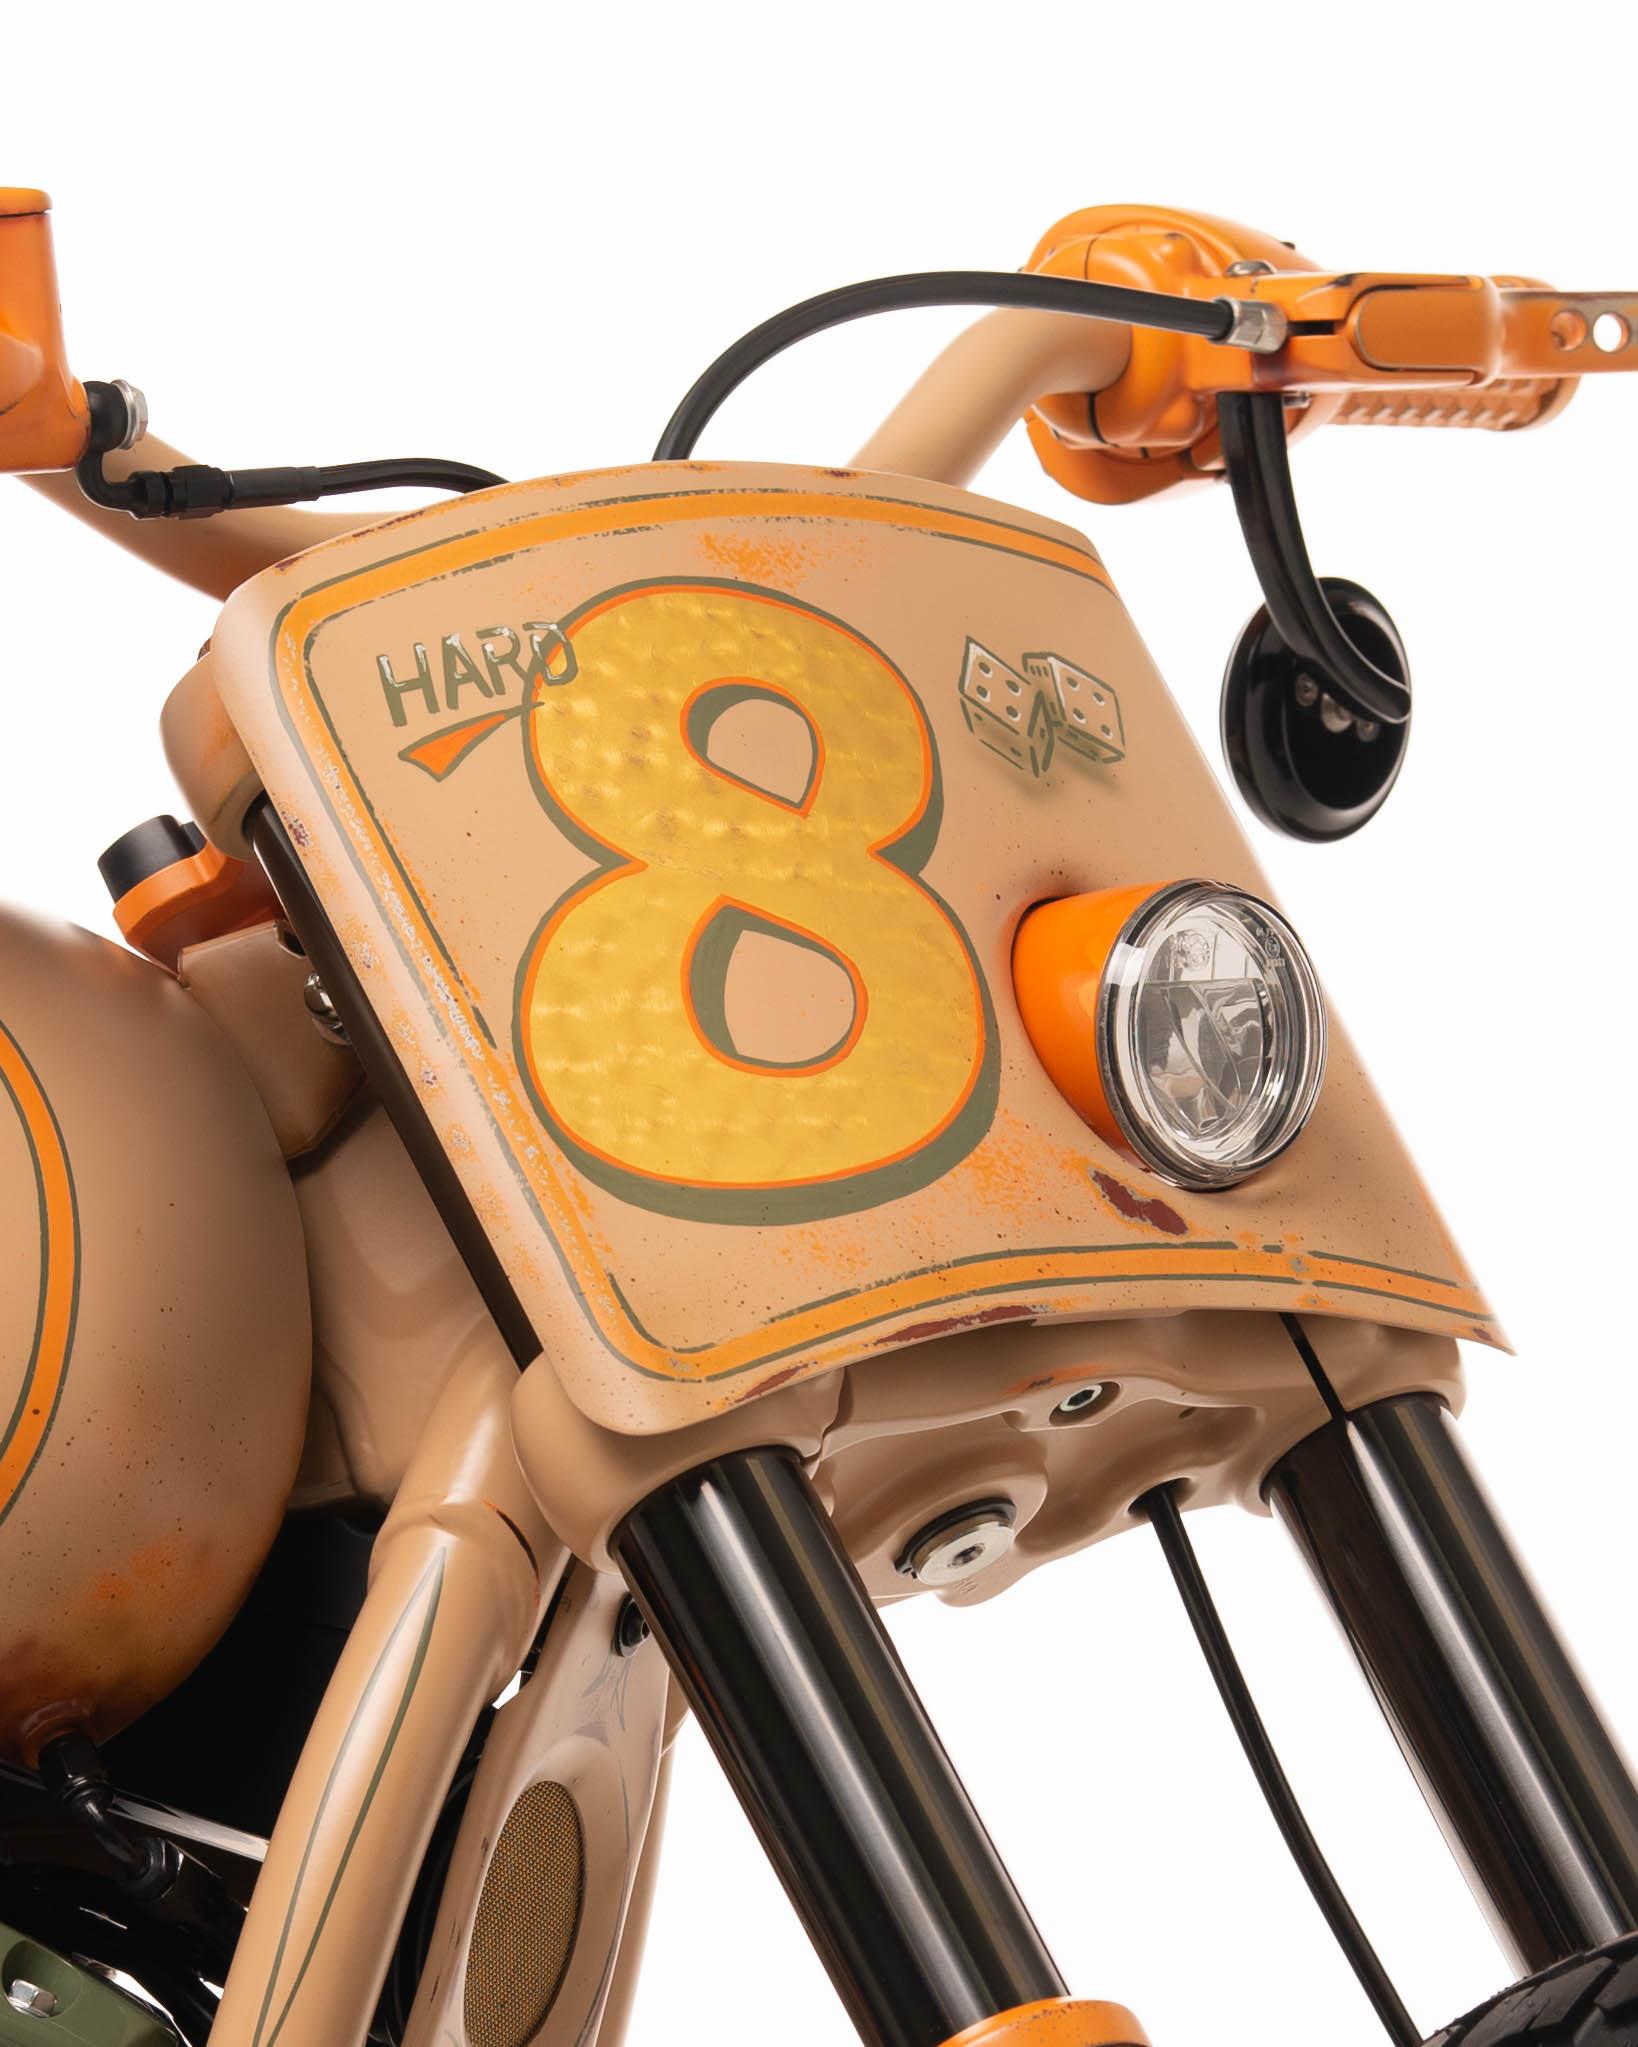 Harley Davidson Daymaker Reflector LED Fog Lamp - Part No. 68000090